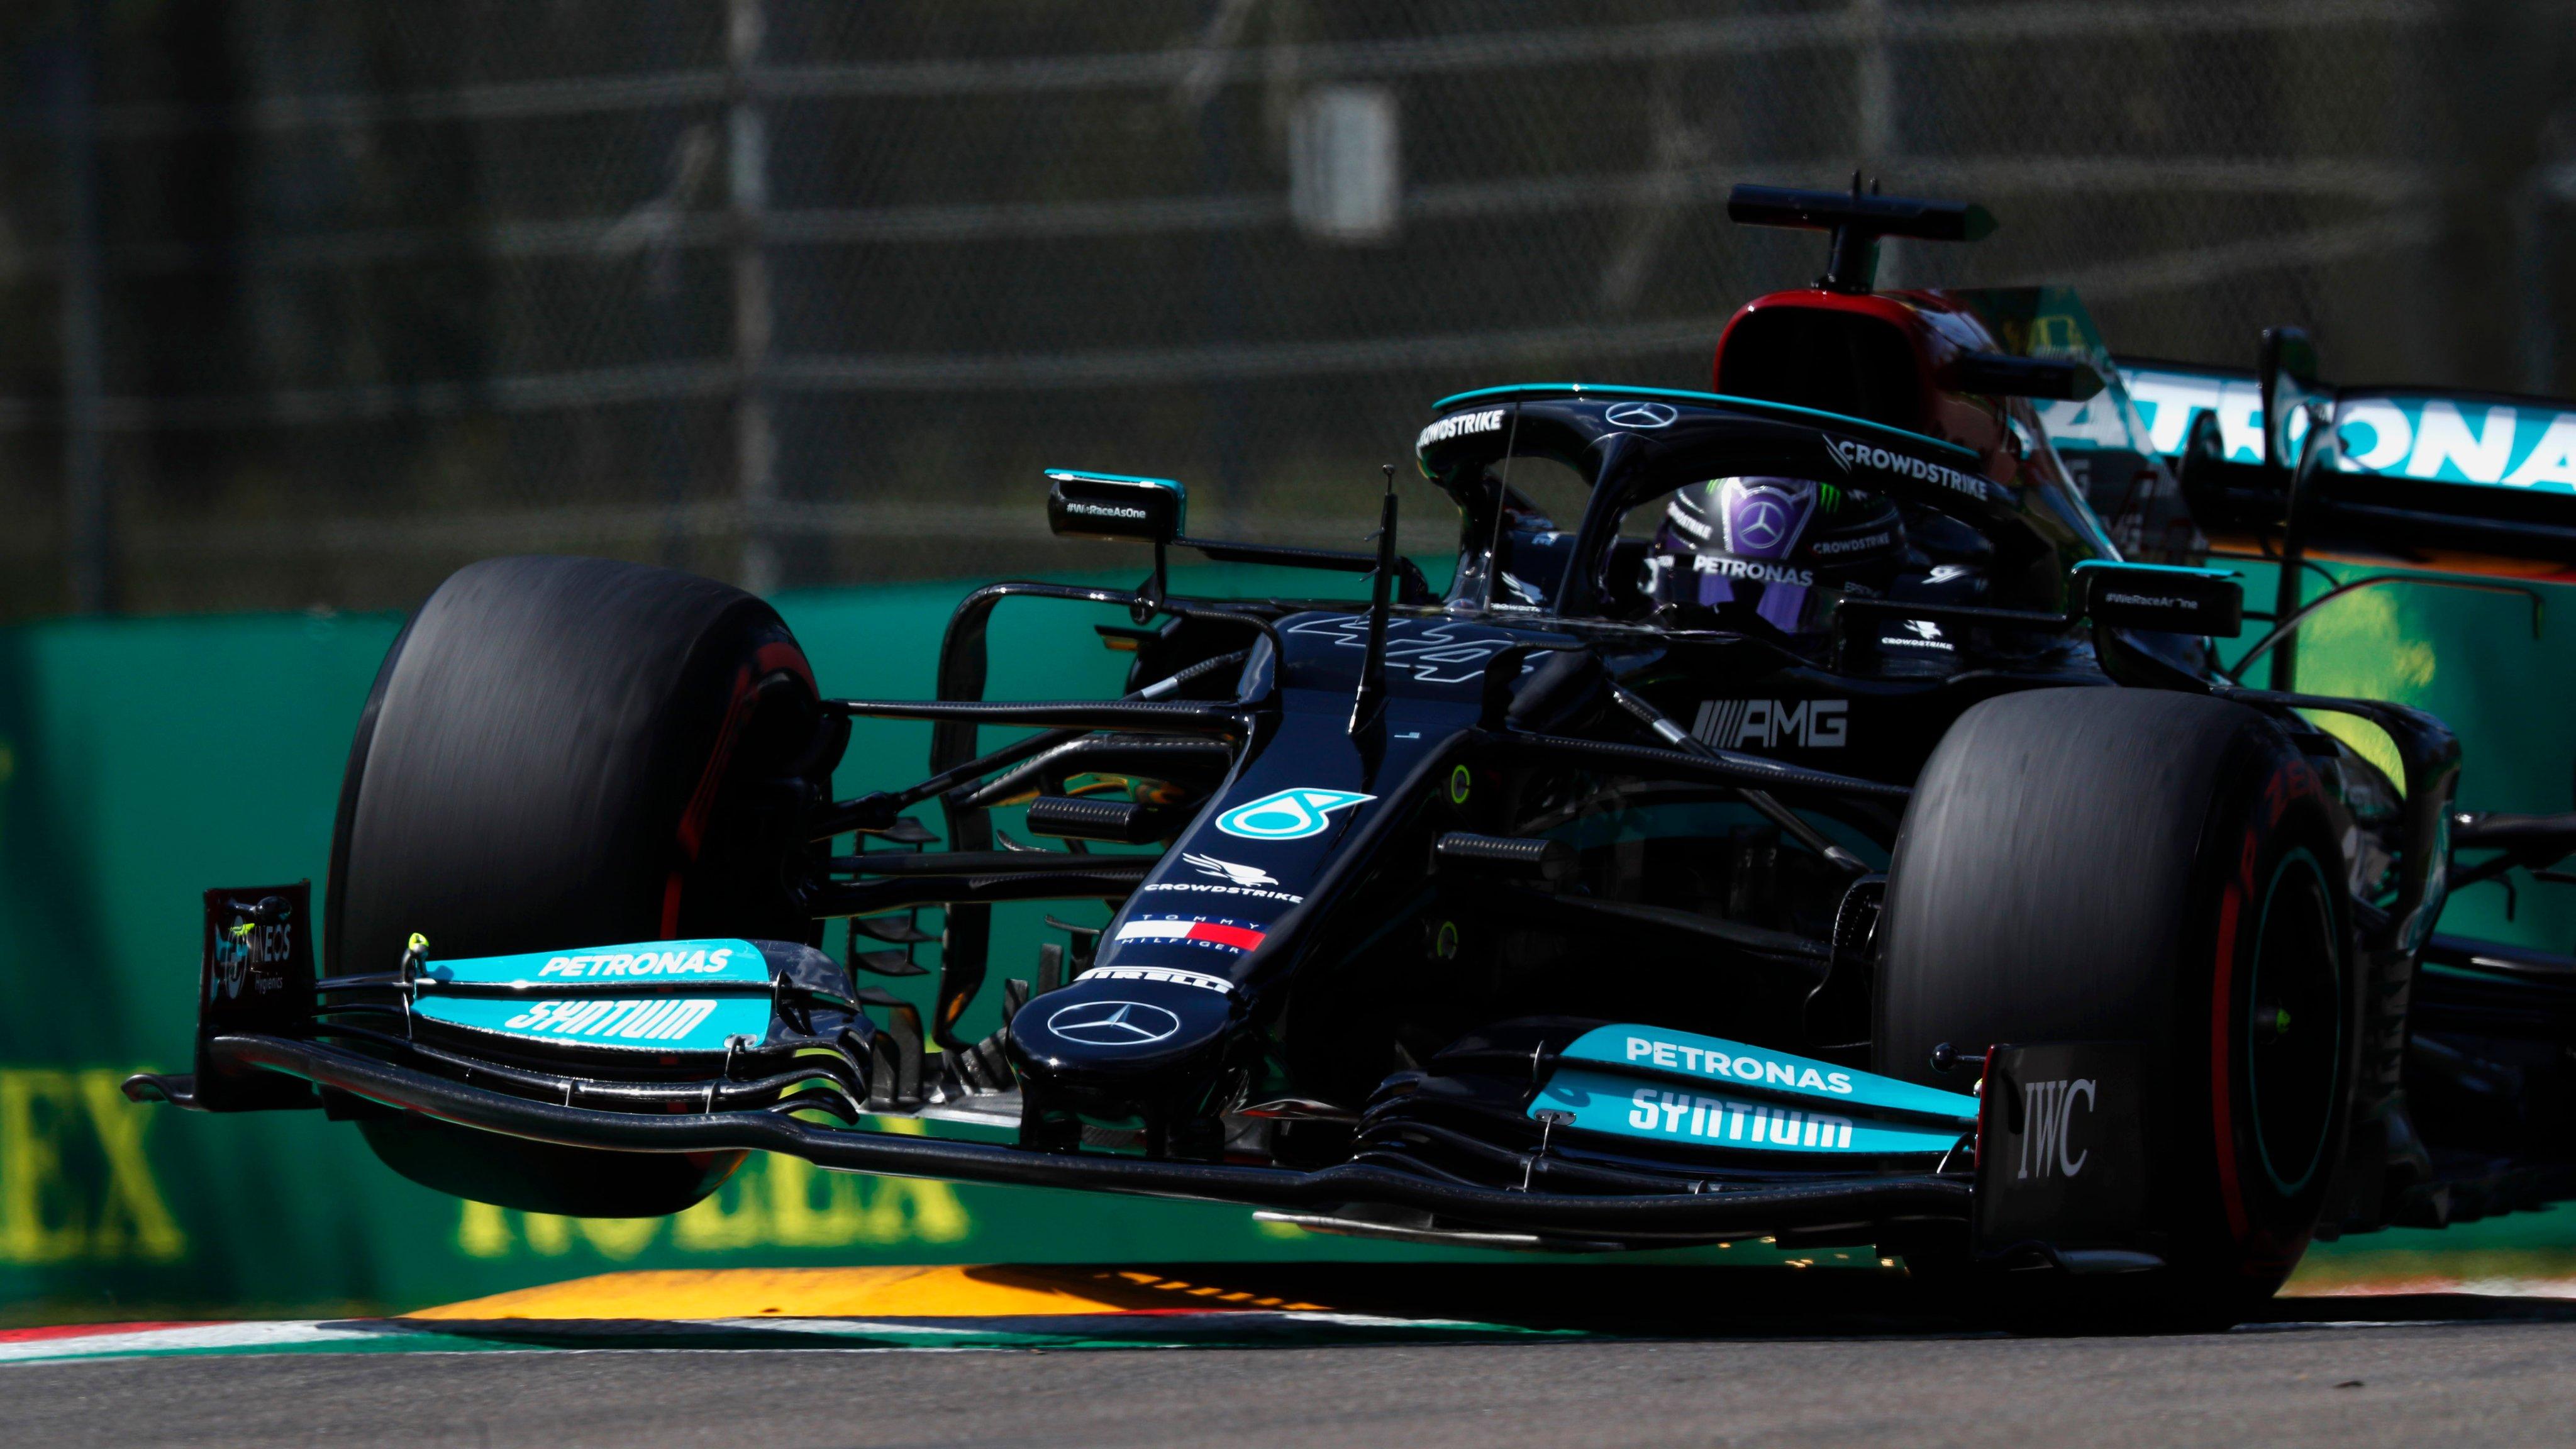 Lewis Hamilton - Emilia Romagna GP - Mrecedes F1 - Formula One